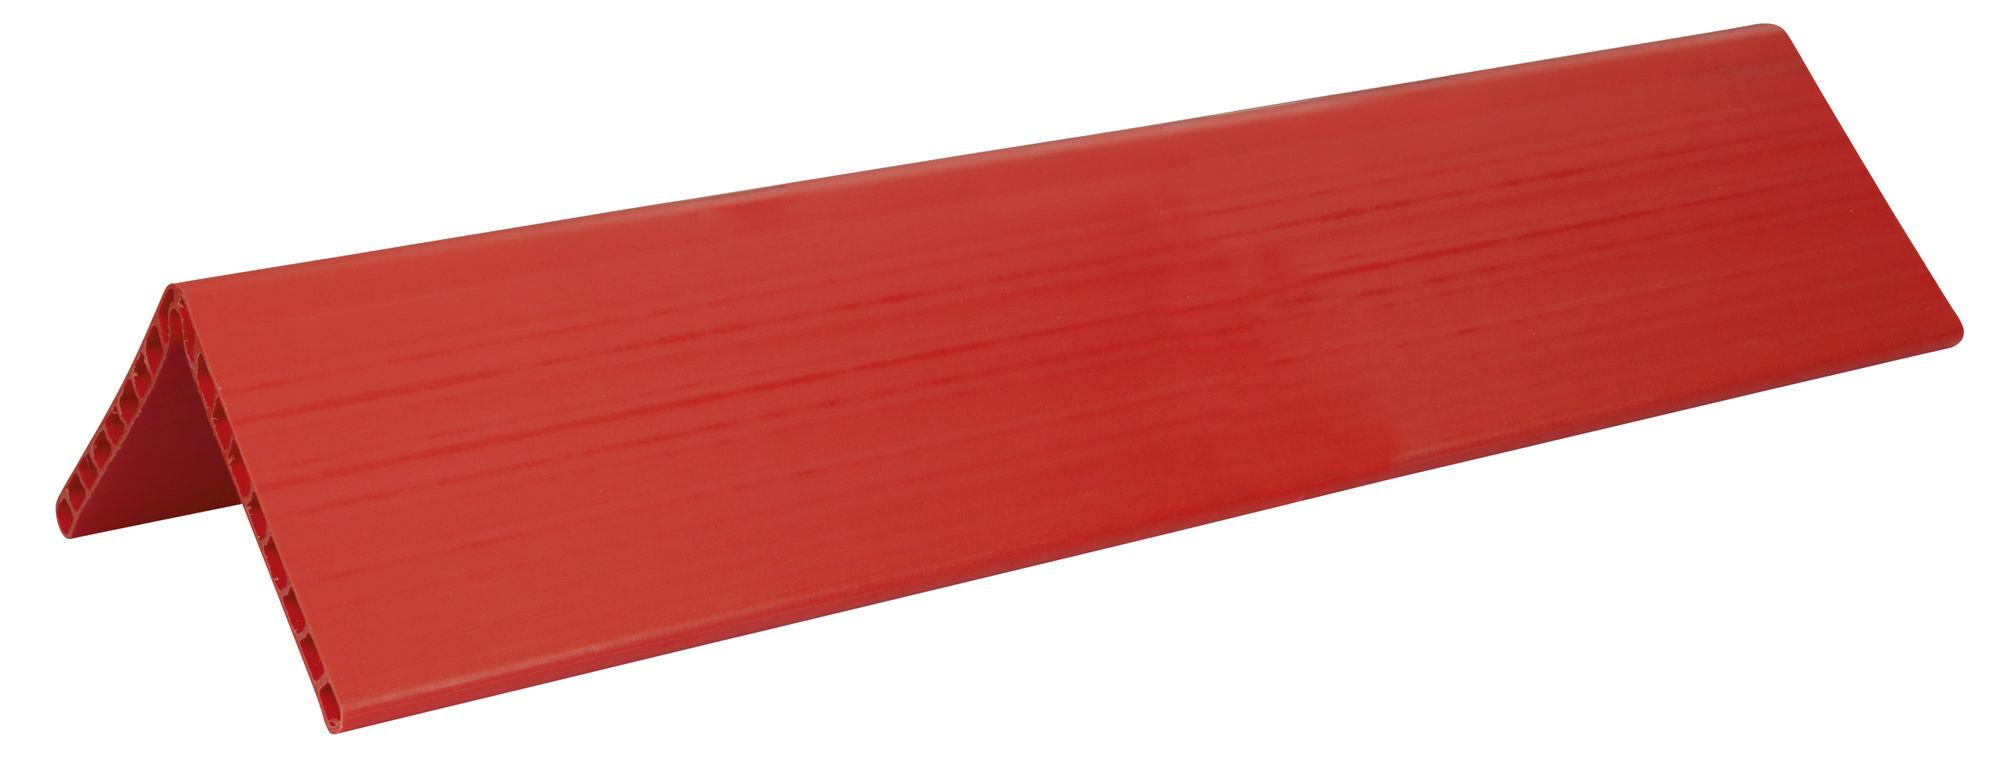 Kantenschutzwinkel 1,20m lang Doppelsteegplatte 19mm, orange